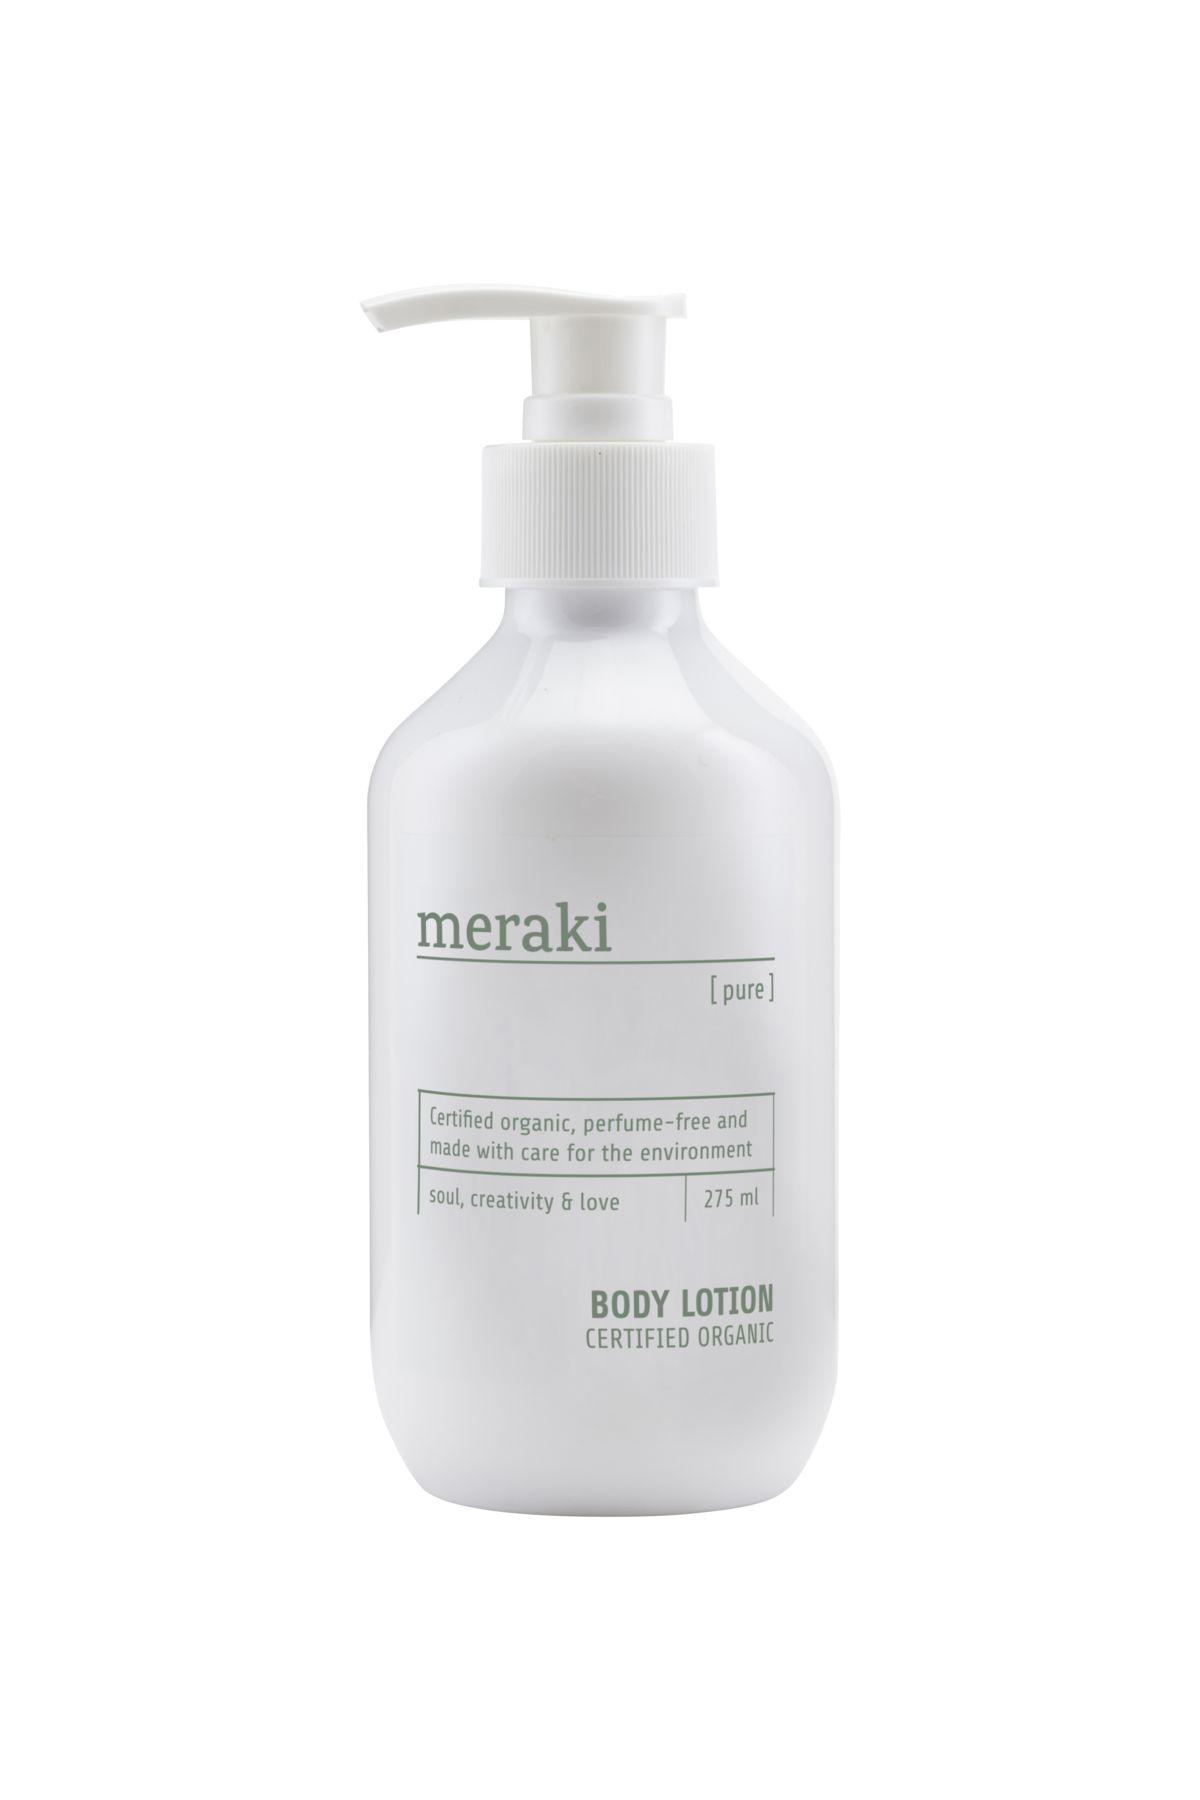 Meraki Pure Bodylotion, 275 ml